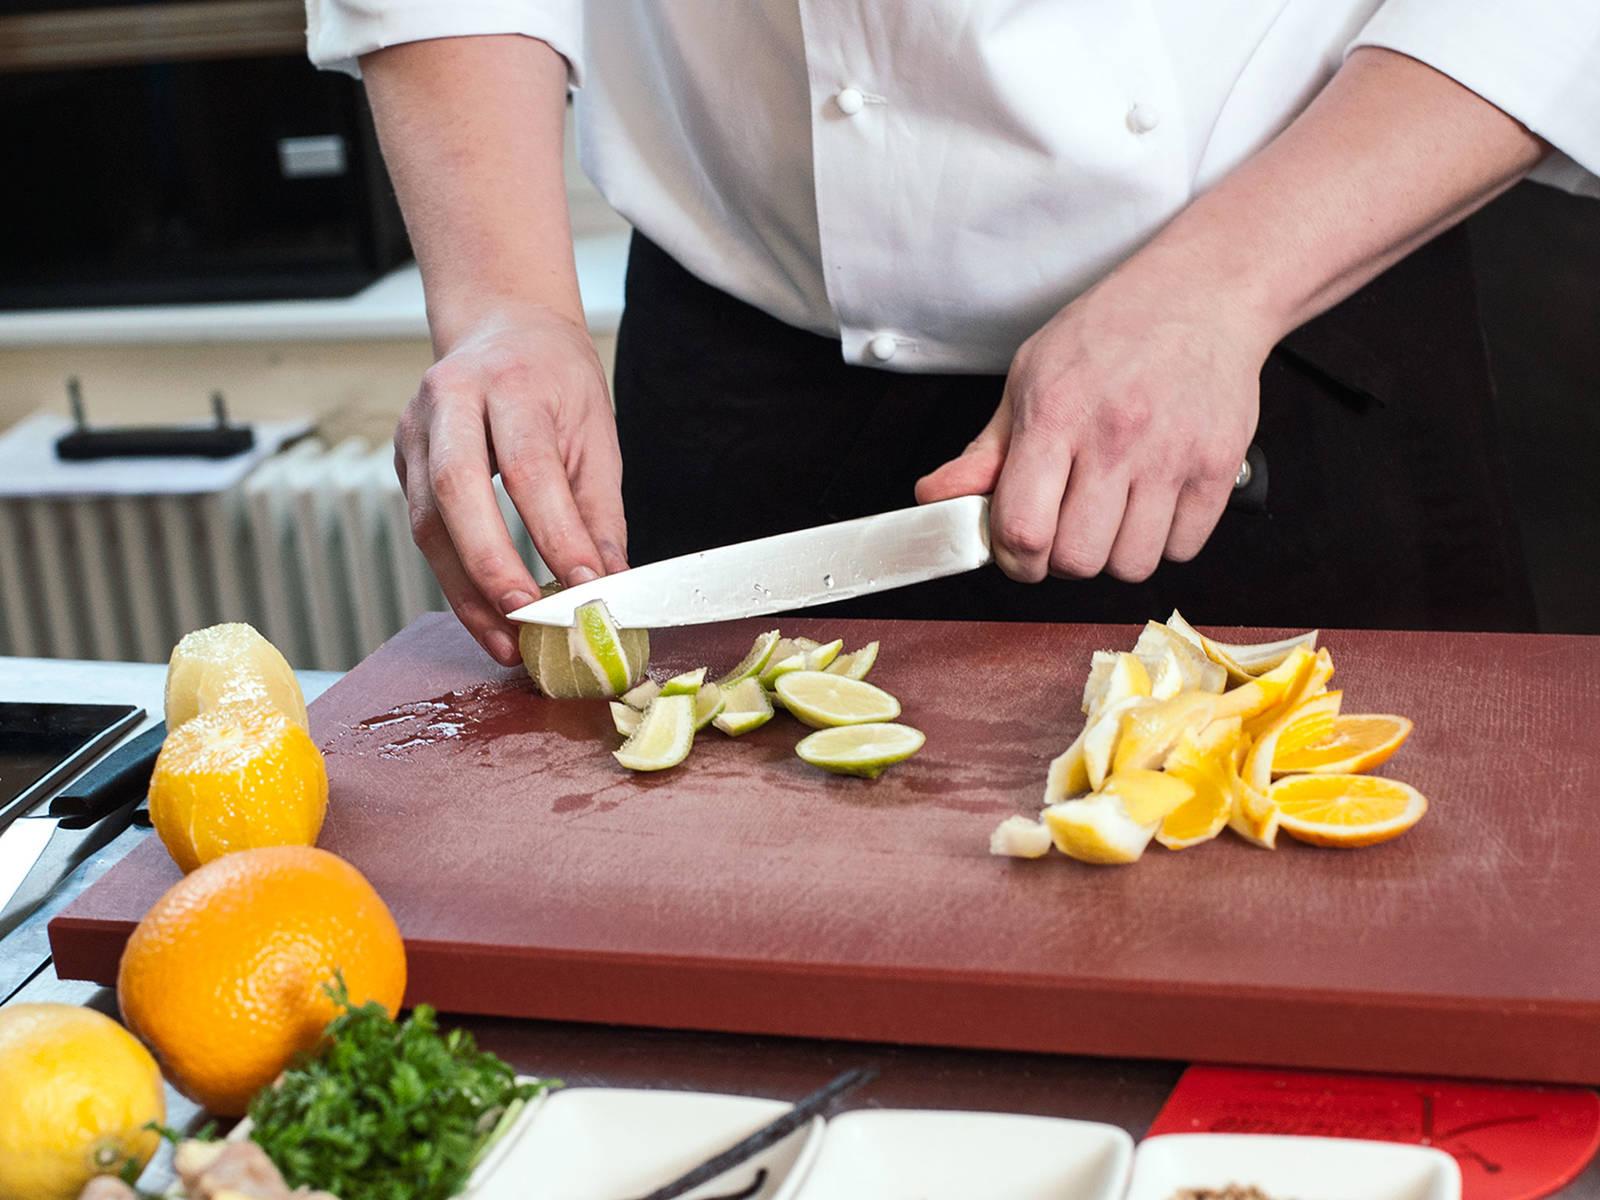 Für den Zitrussalat Orangen, Zitronen und Limette waschen, trocken tupfen, schälen und filetieren; Filets beiseitestellen. Saft aus der restlichen weißen Haut in eine kleine Schüssel pressen.